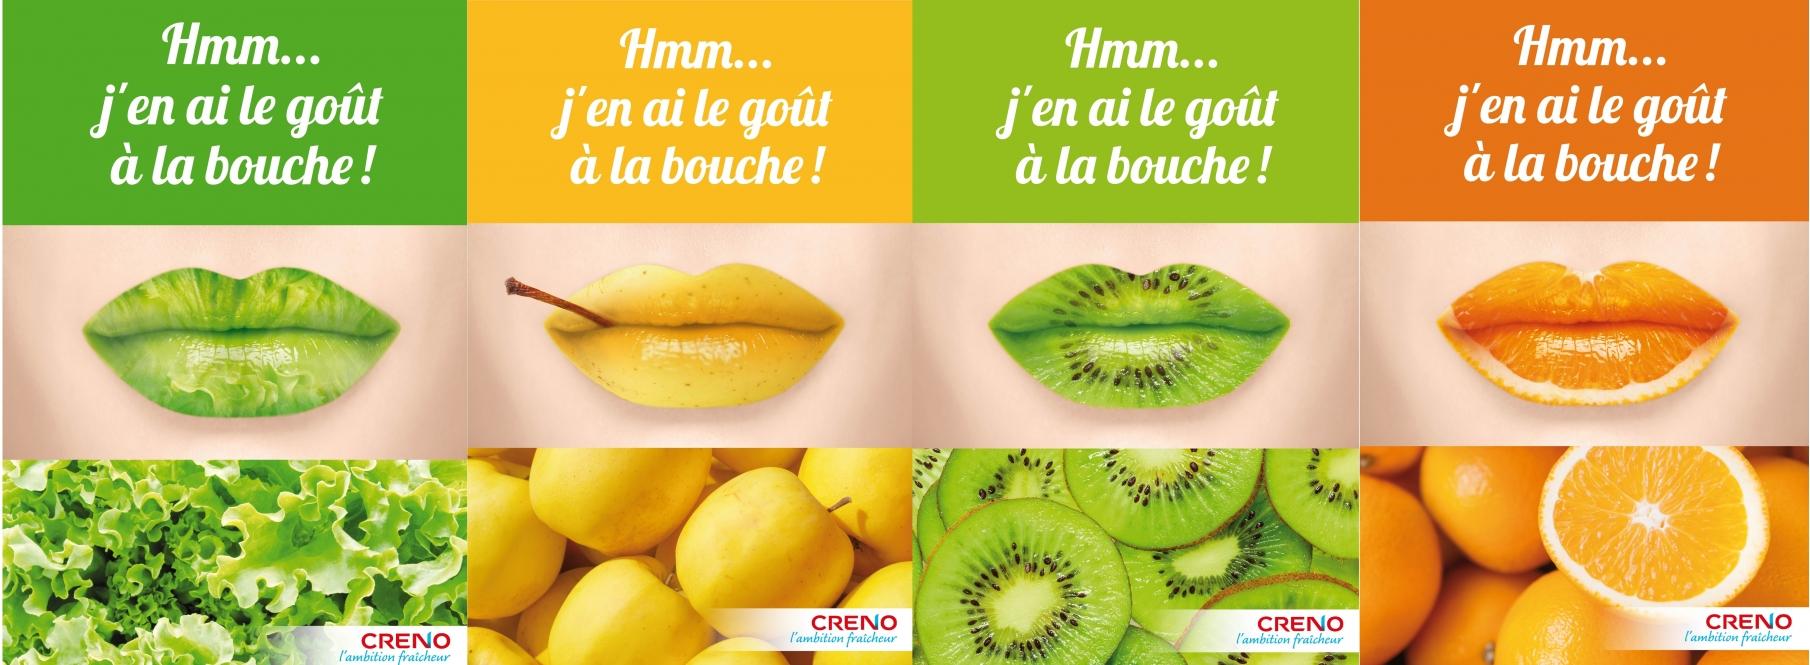 Ensemble, sublimons le plaisir de manger des fruits et légumes frais de saison !